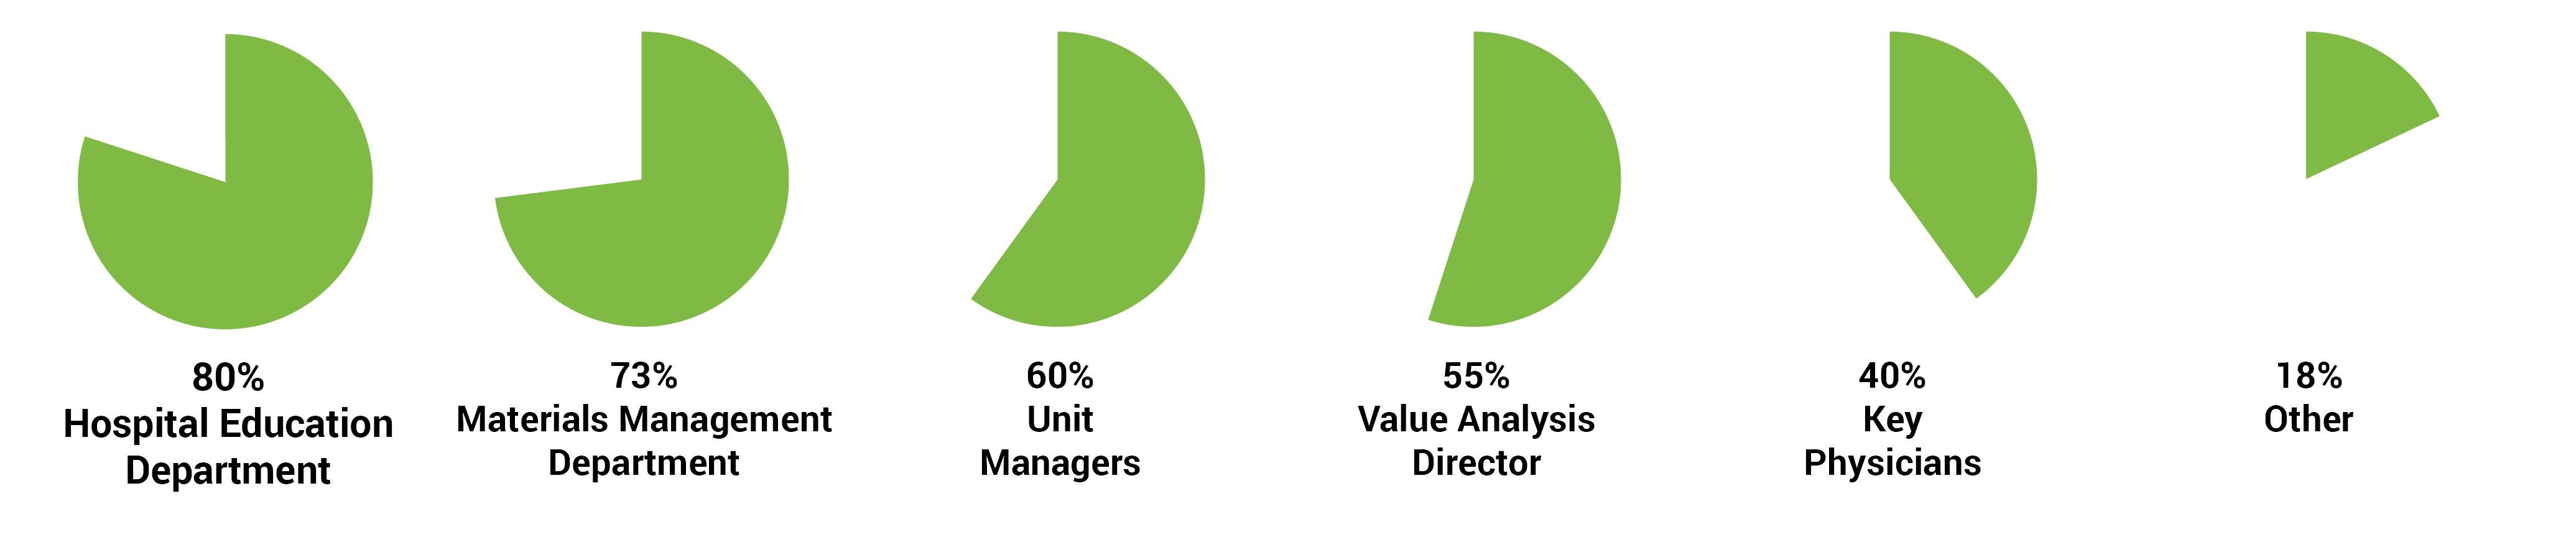 Key Stakeholders-1